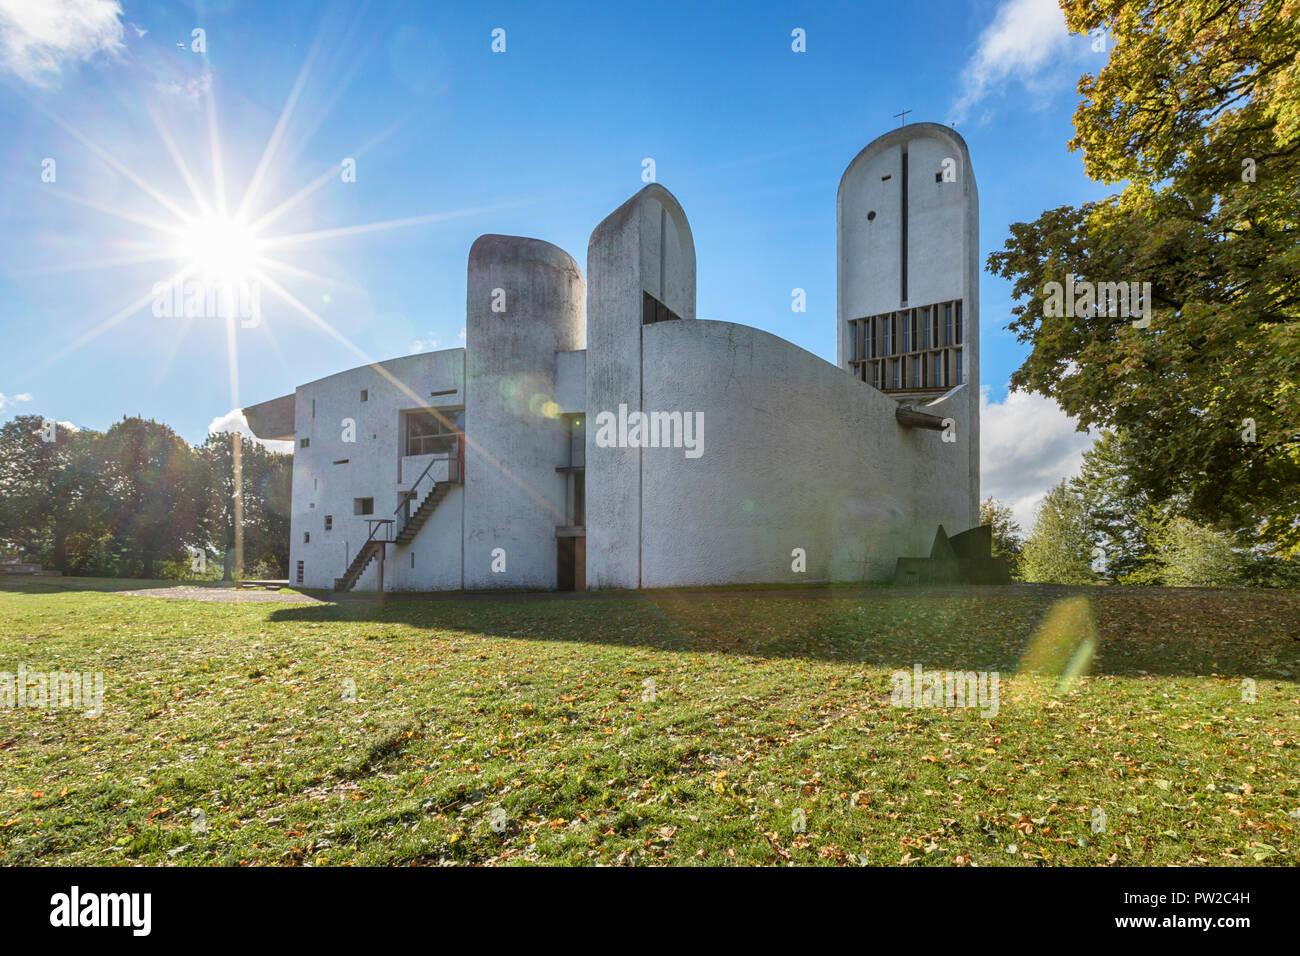 Capilla de Notre Dame du Haut construido por el arquitecto Le Corbusier en 1955 en Ronchamp, de Bourgogne-Franche Comté, Francia. Ver agaisnt Nort-Western mañana s Foto de stock